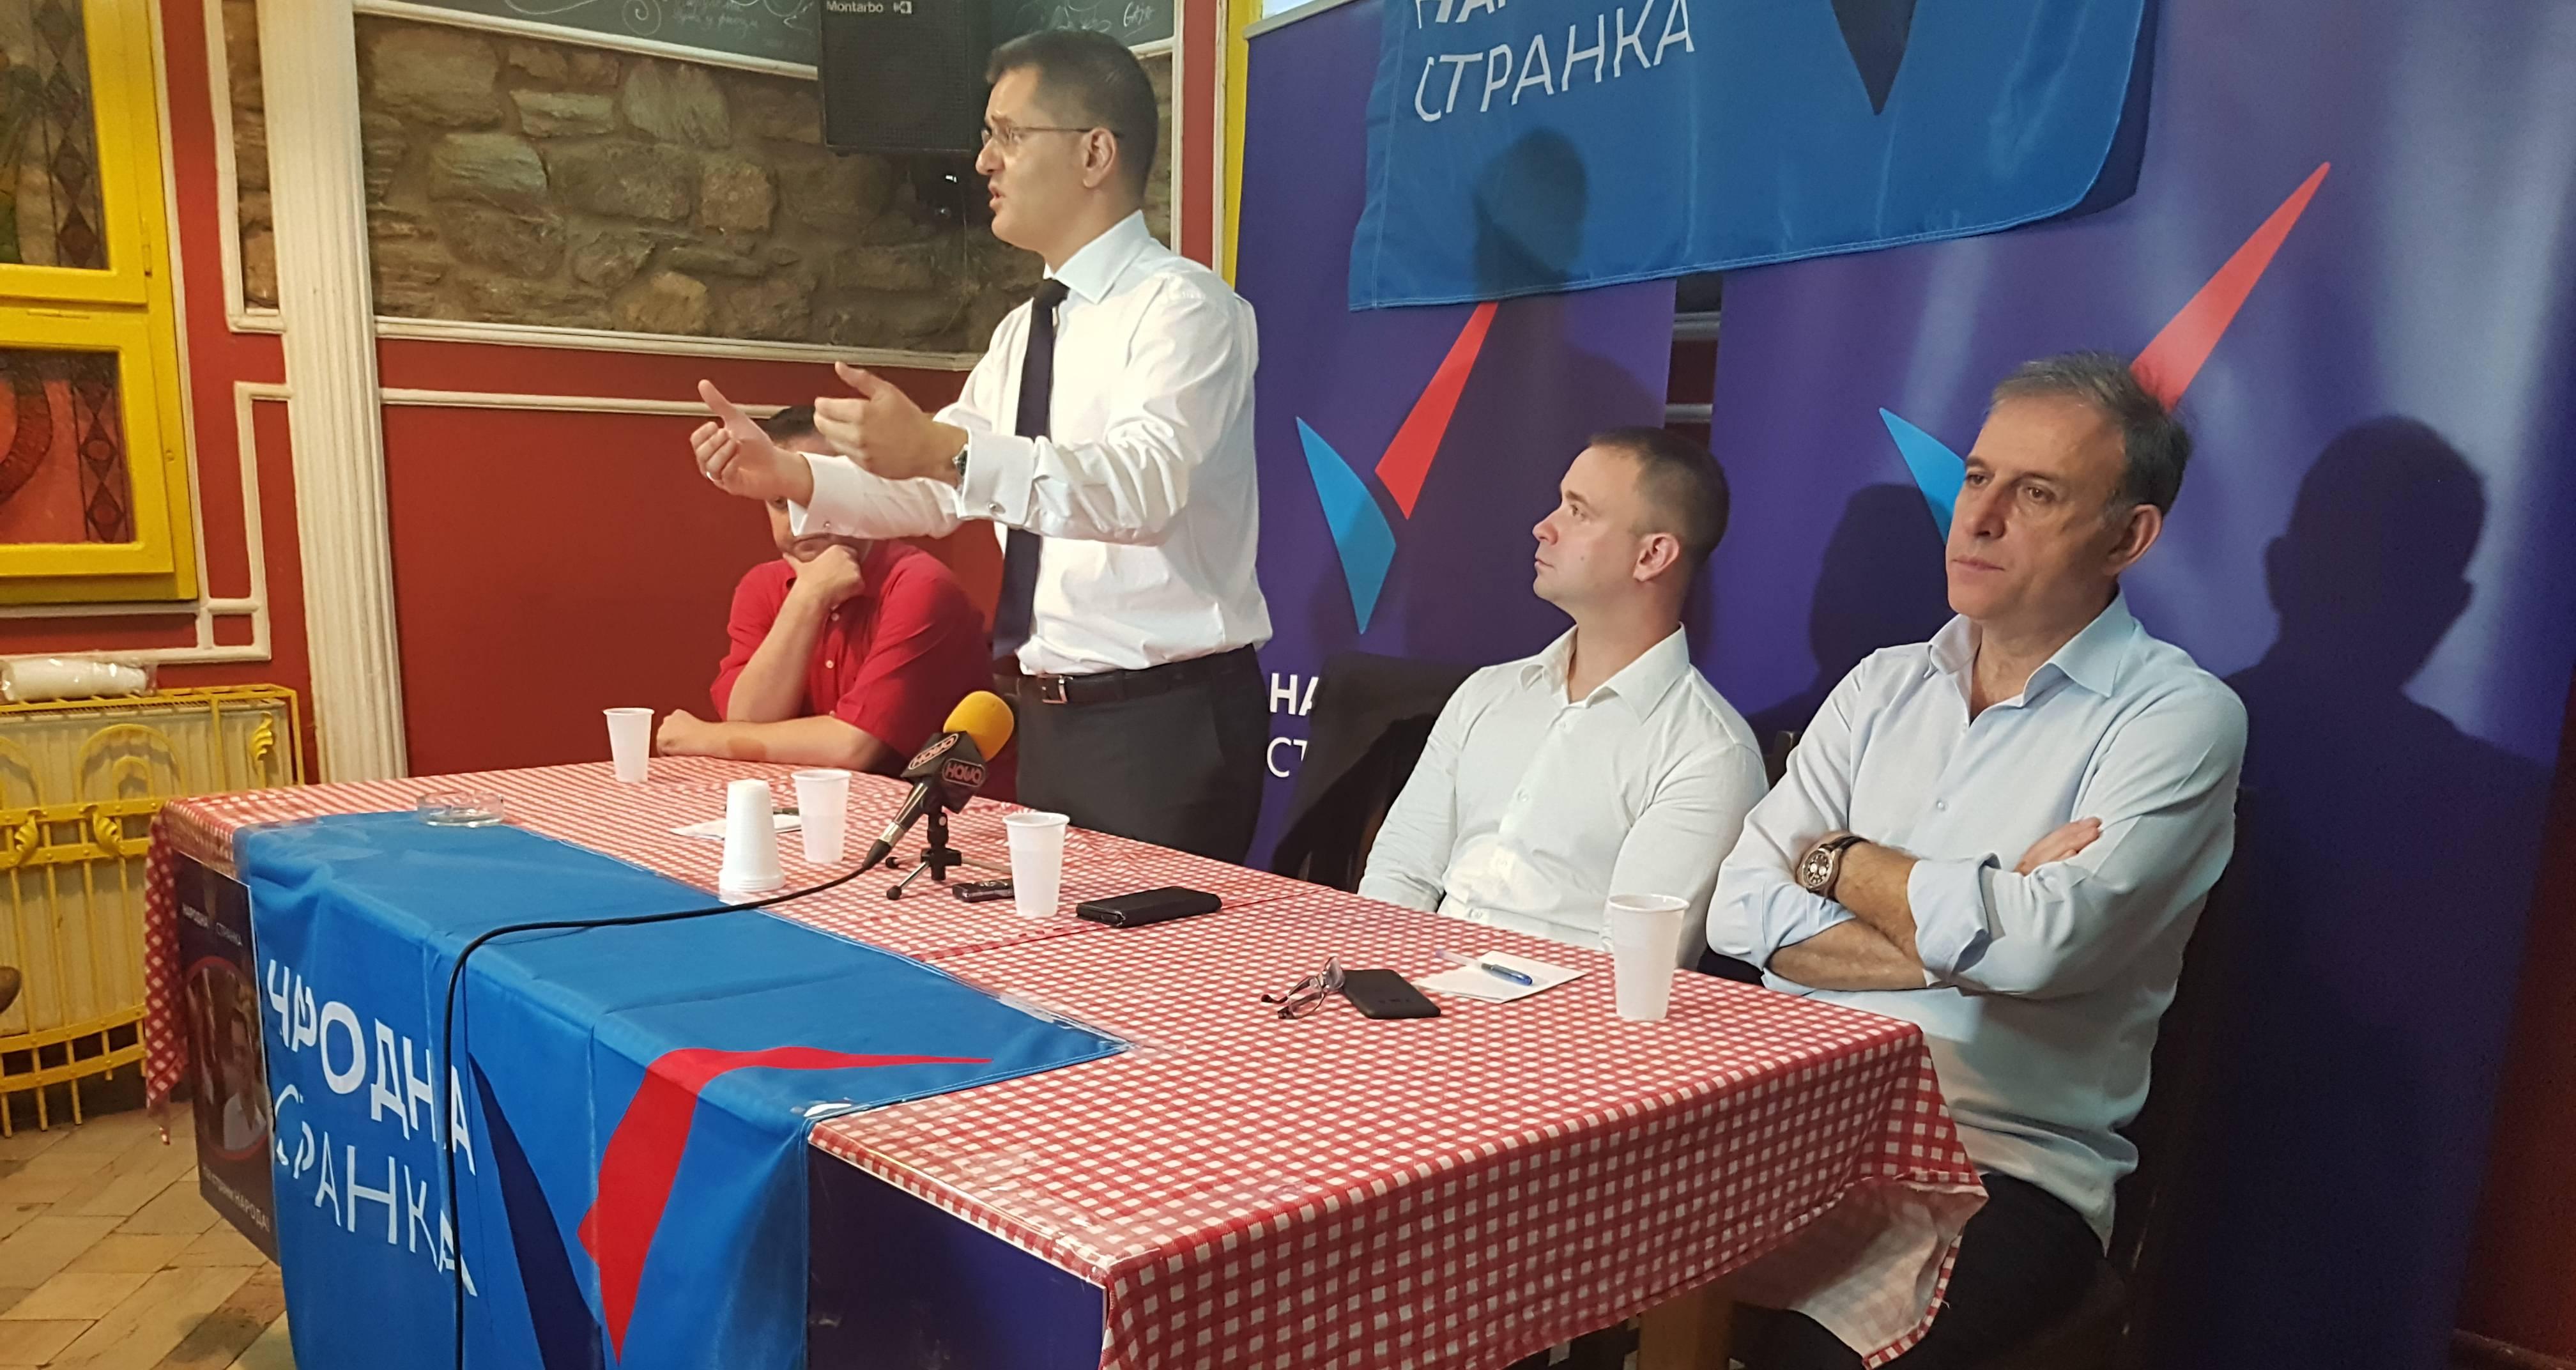 Јеремић: Народна странка ће бити темељ опозиционог савеза